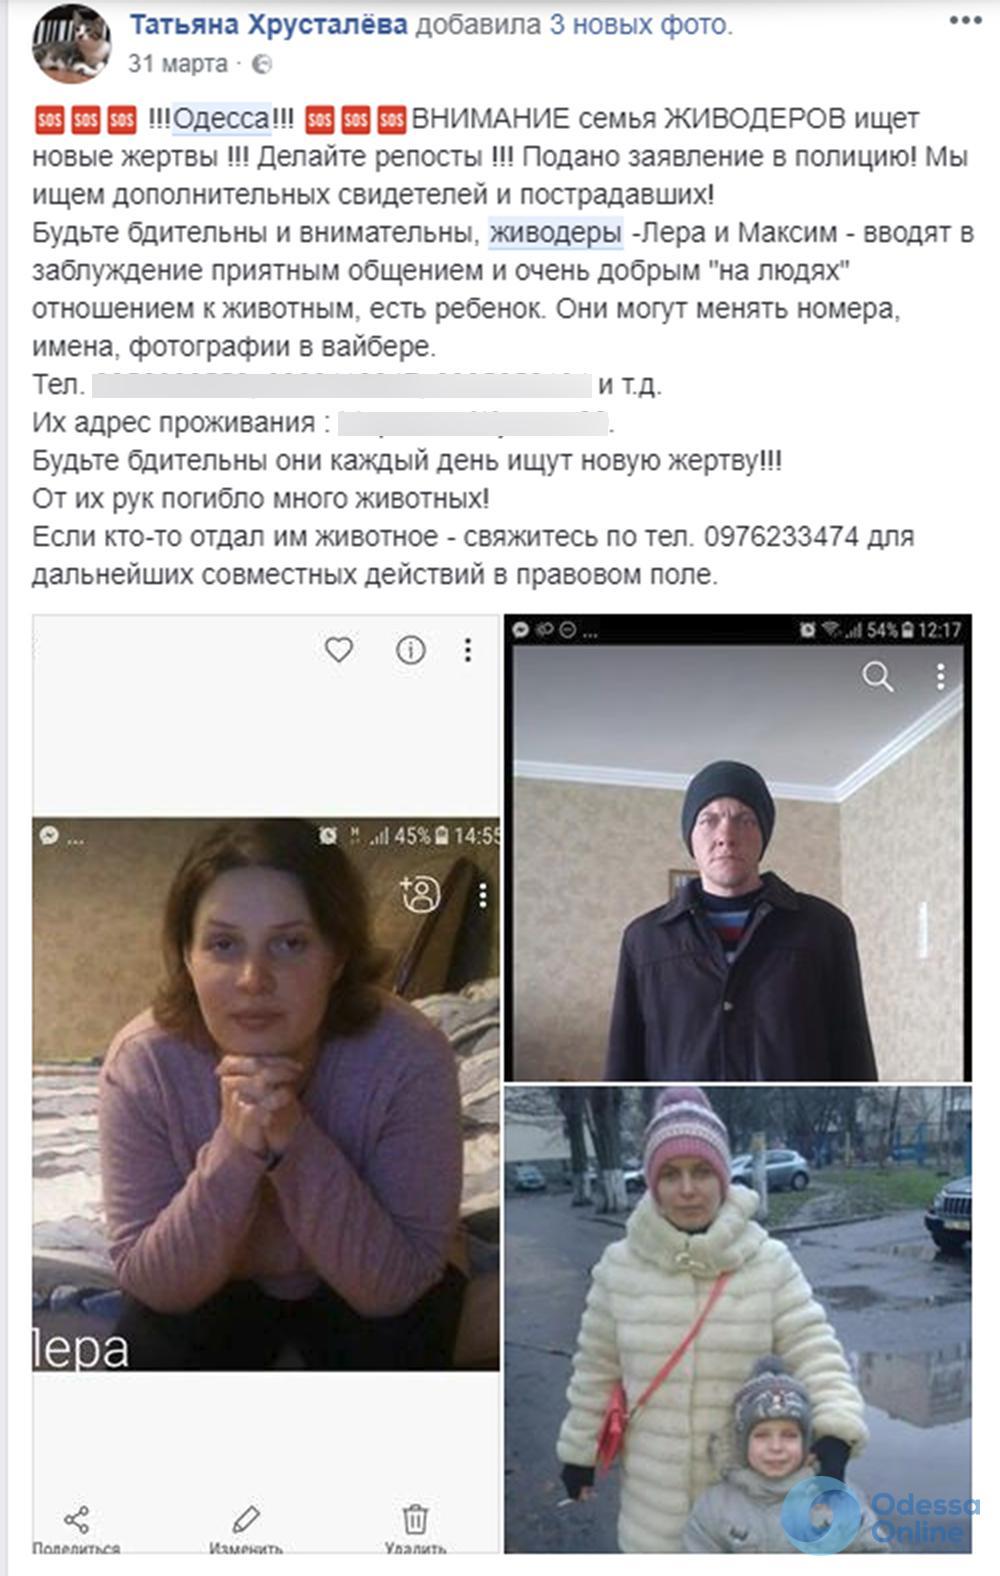 Одесса: «неизвестные патриоты» избили мужчину из-за сообщения зоозащитников